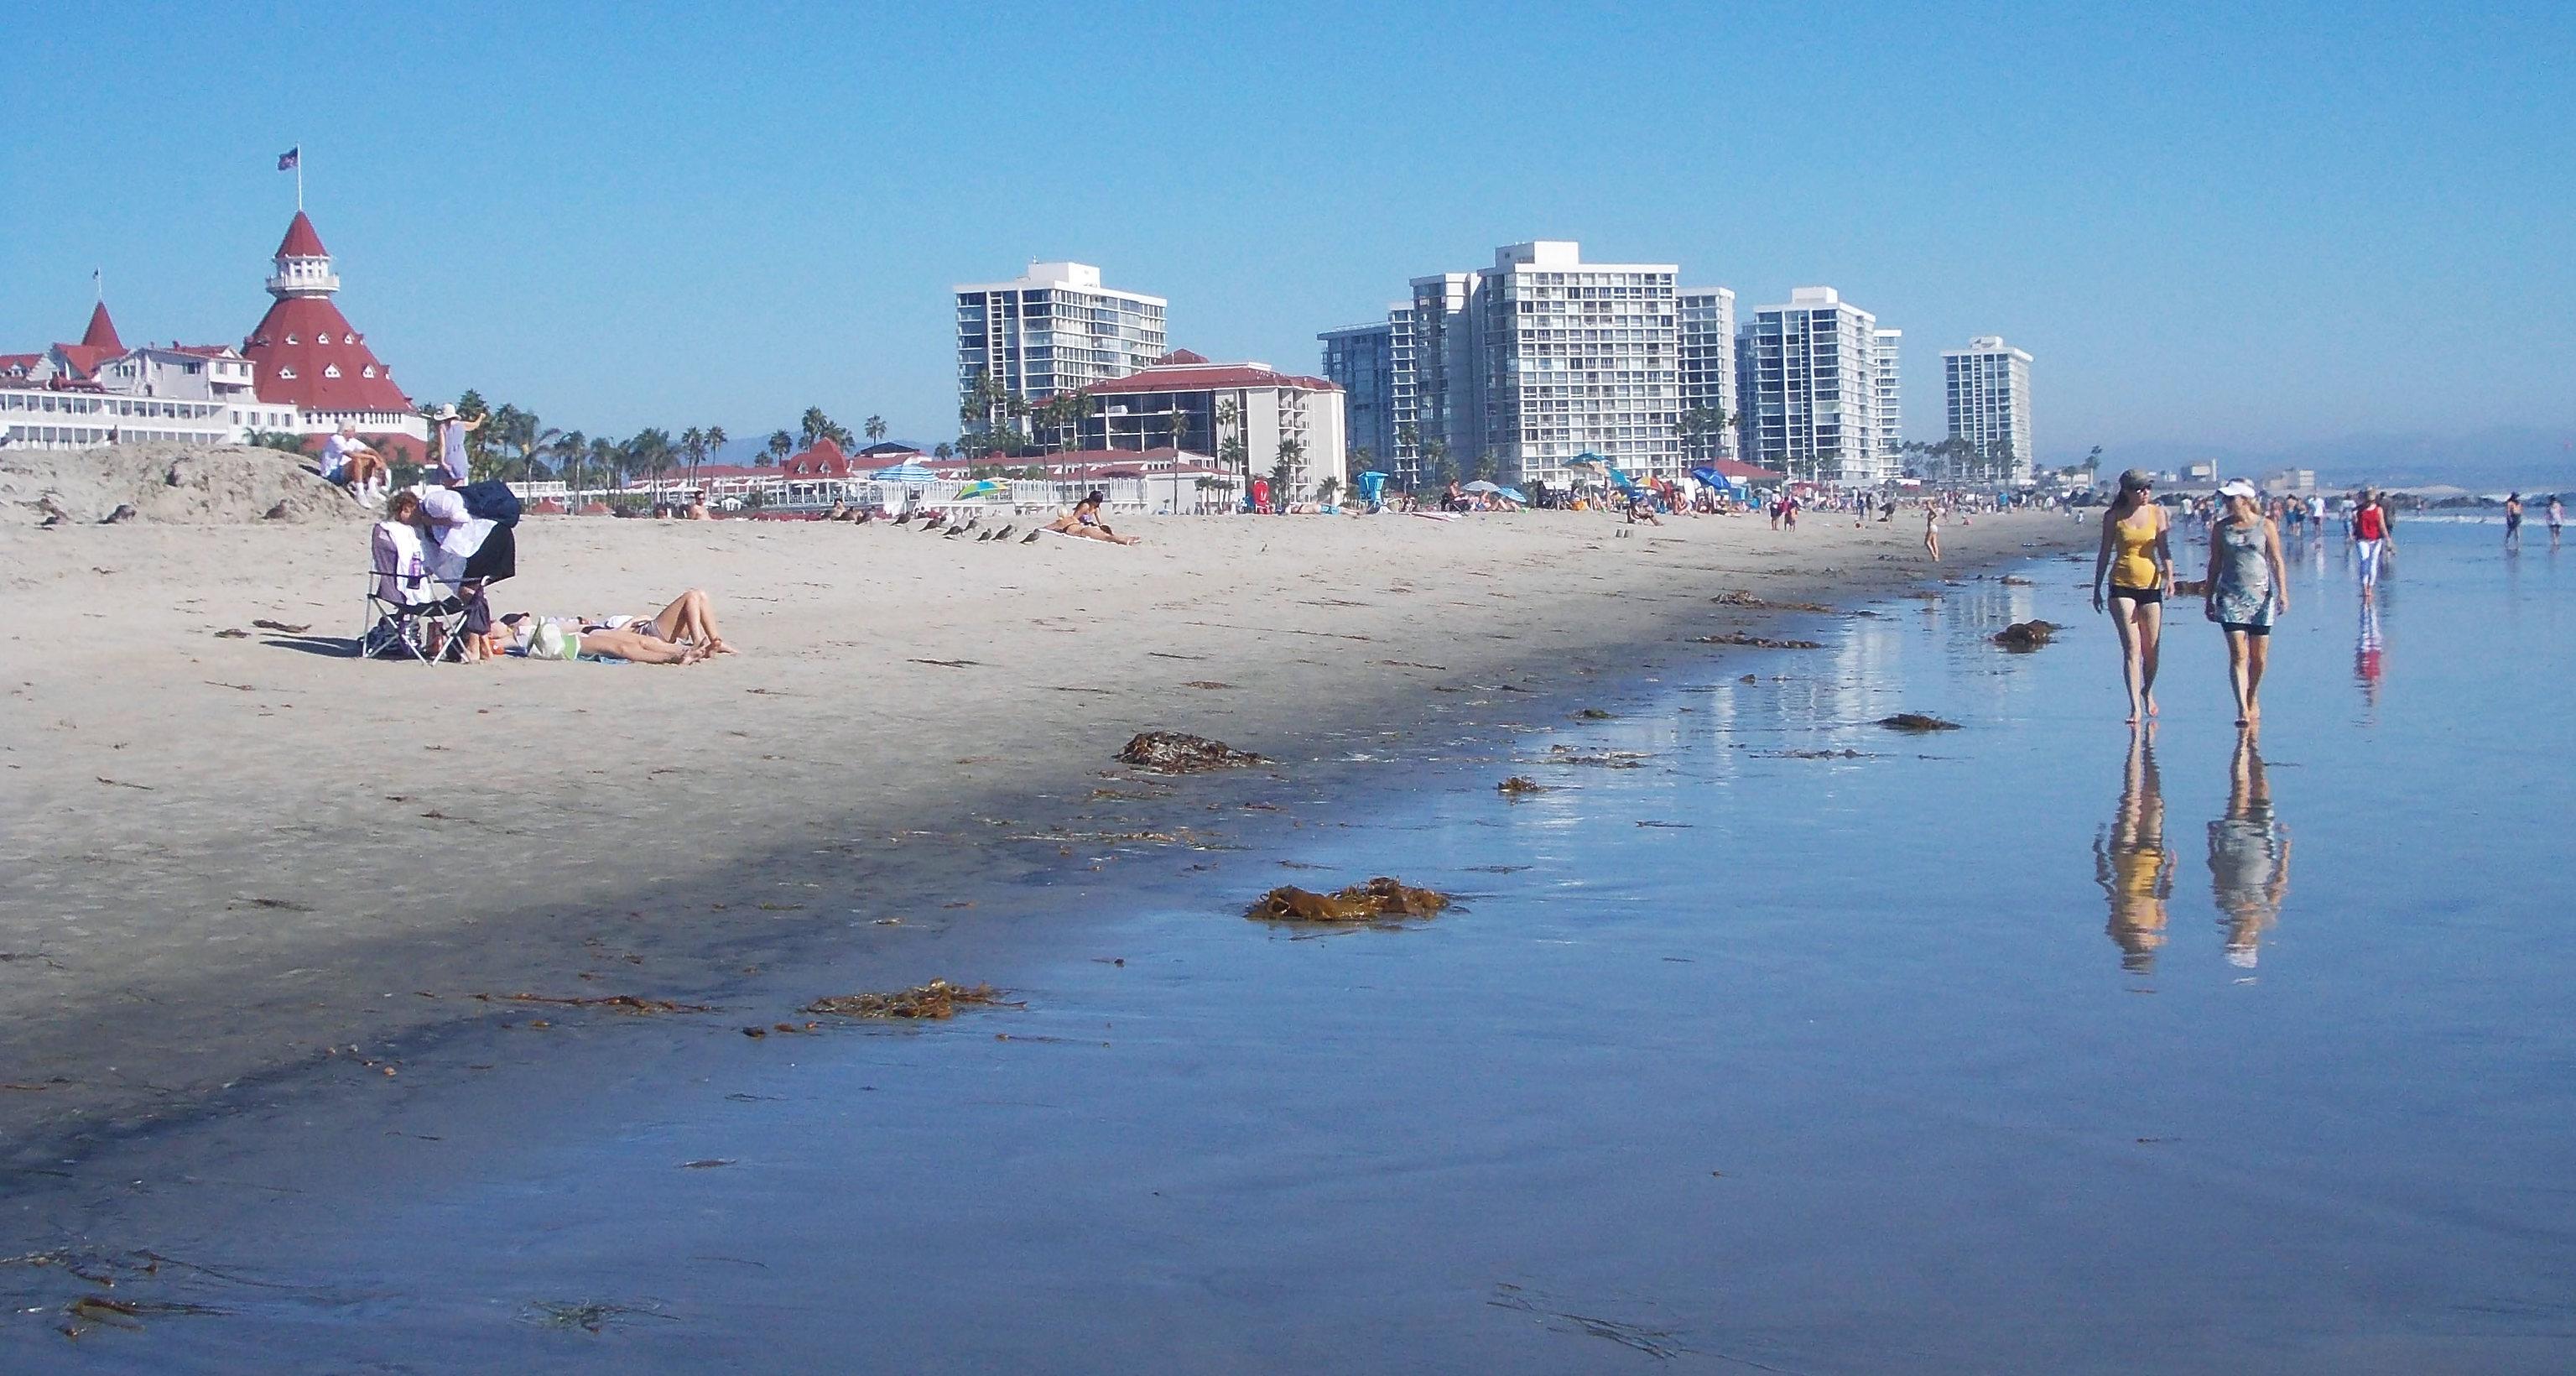 Coronado Beach, San Diego, California, USA